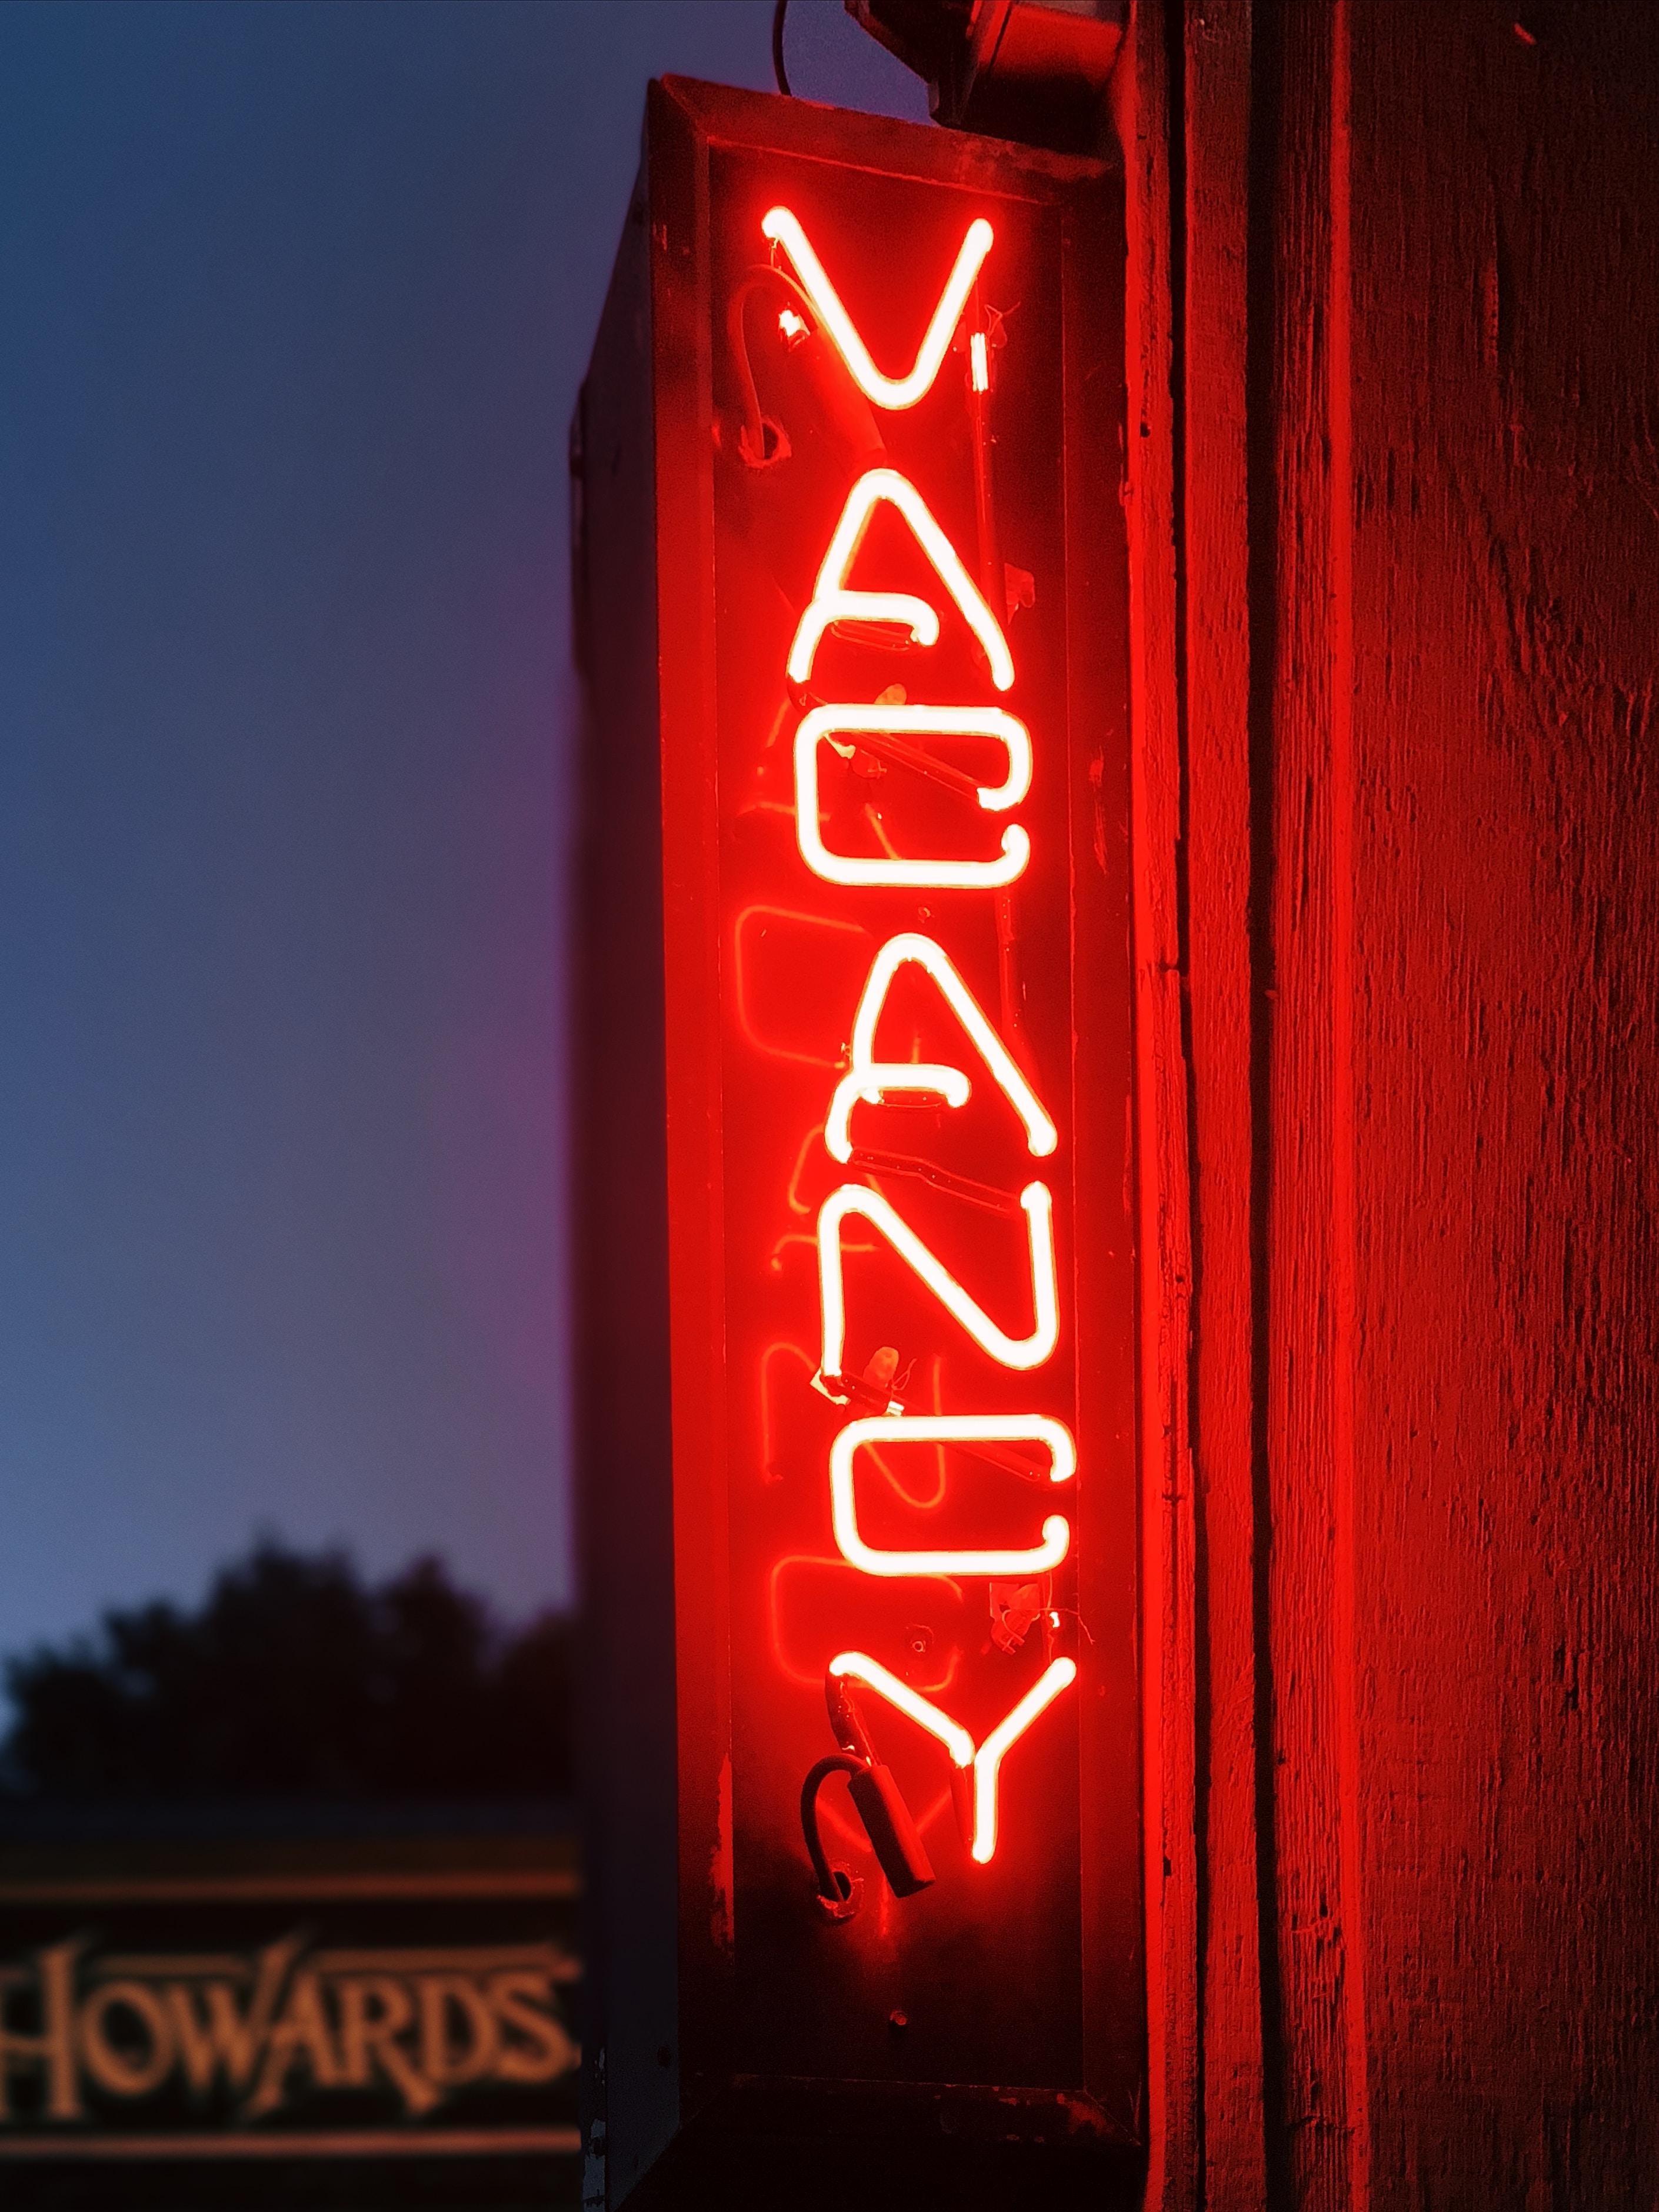 Vacancy neon signage